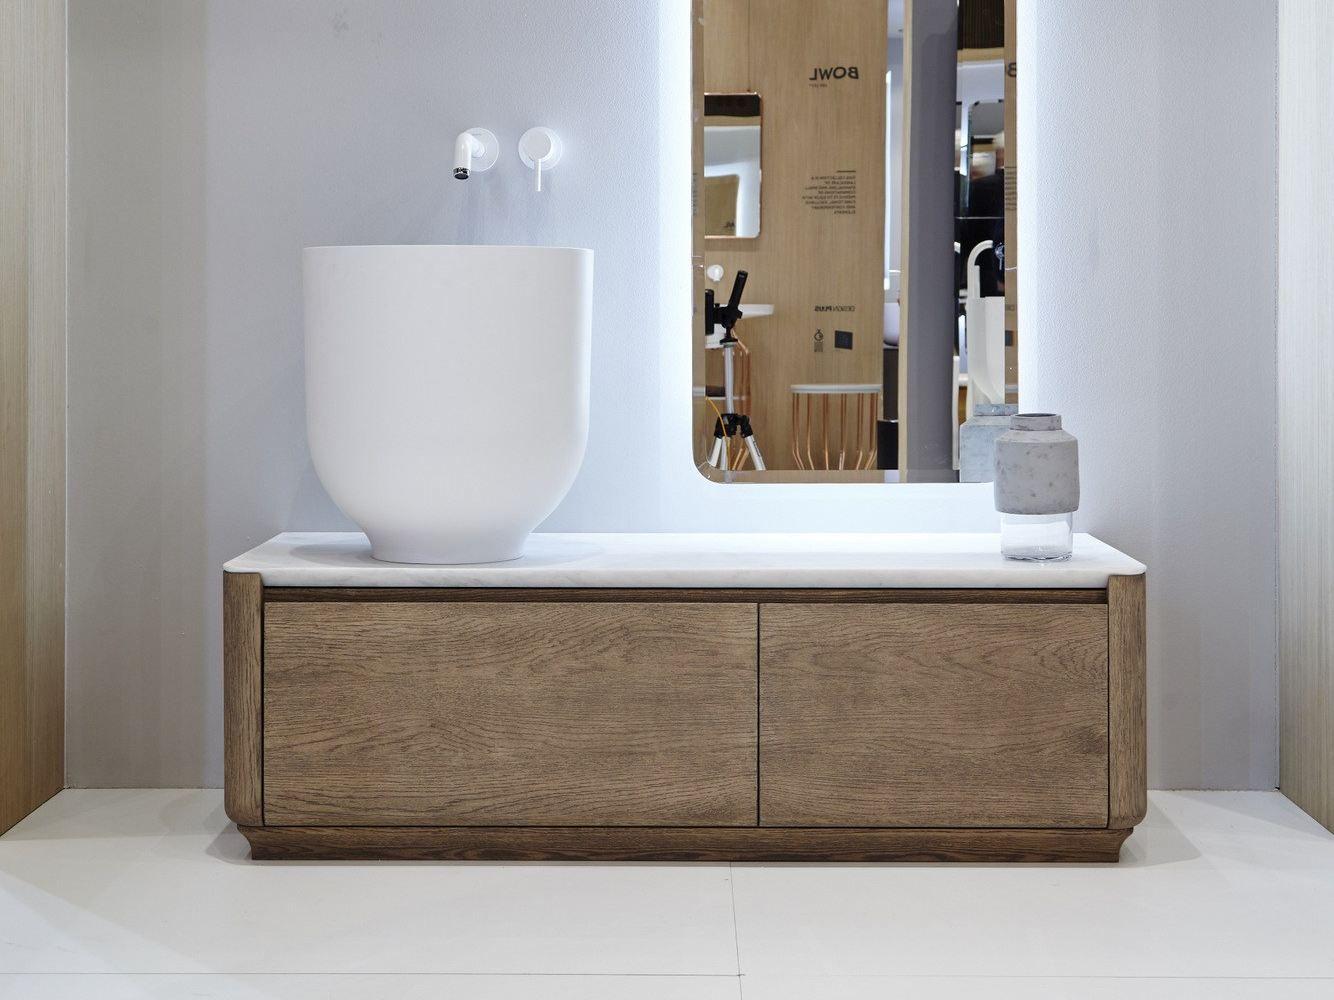 Origin meuble sous vasque by inbani design seung yong song for Lavabos antiguos roca